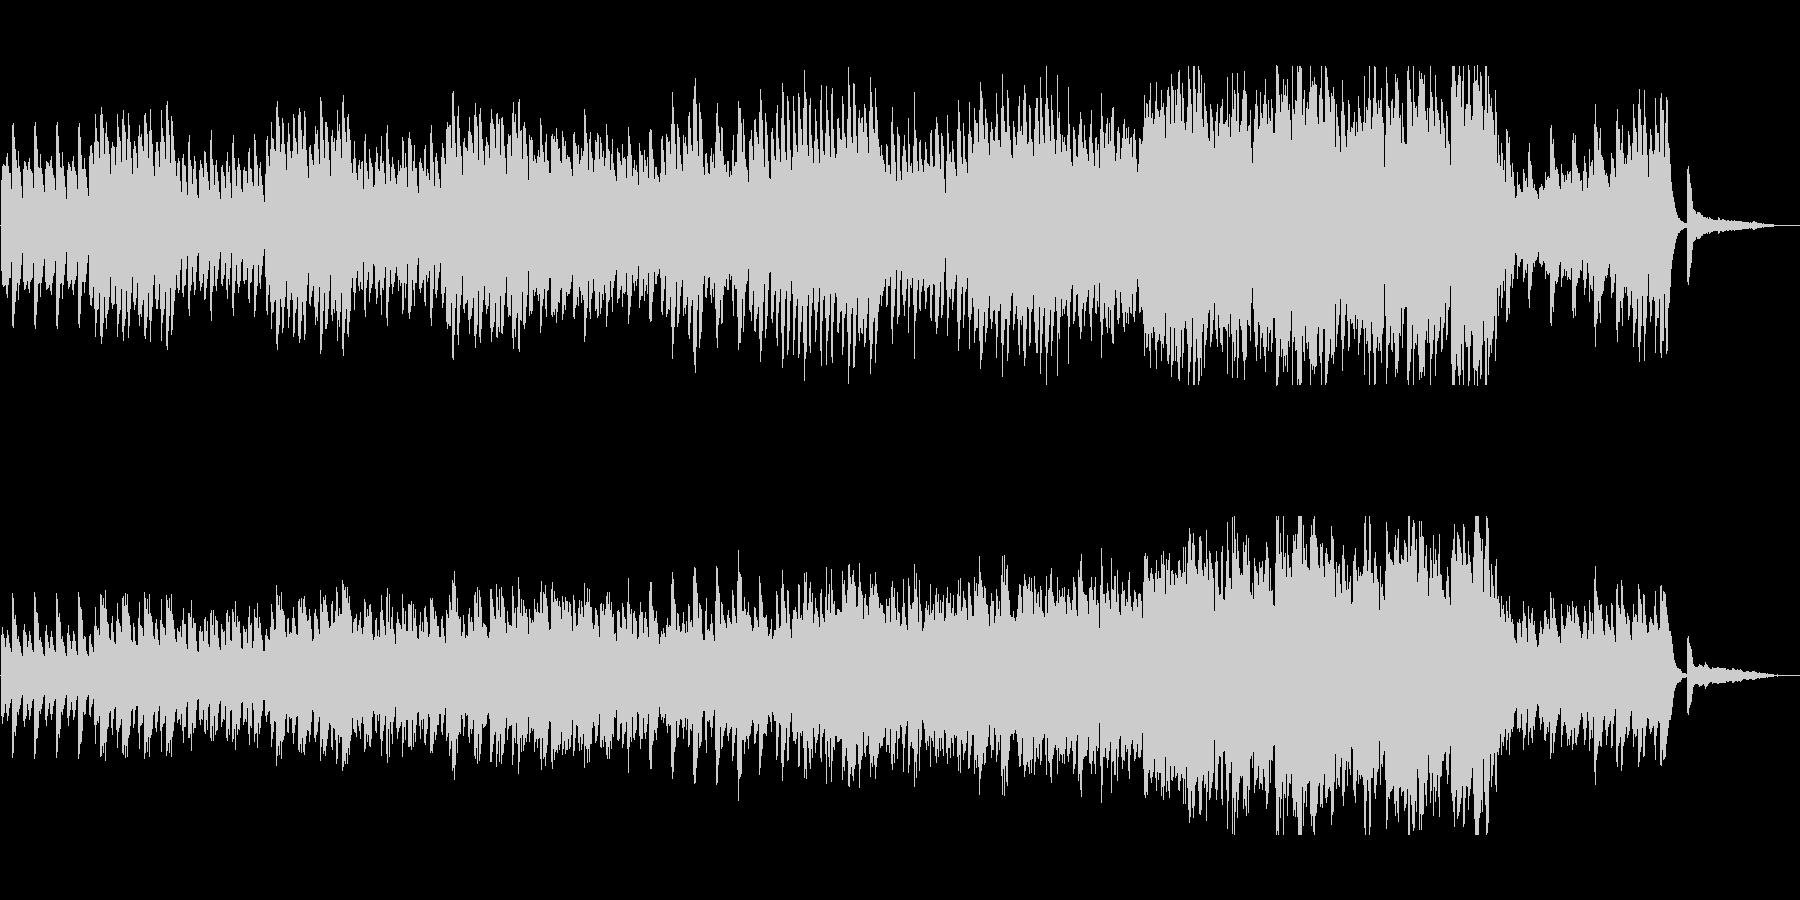 ピアノの単調な繰り返しが印象的なポップスの未再生の波形